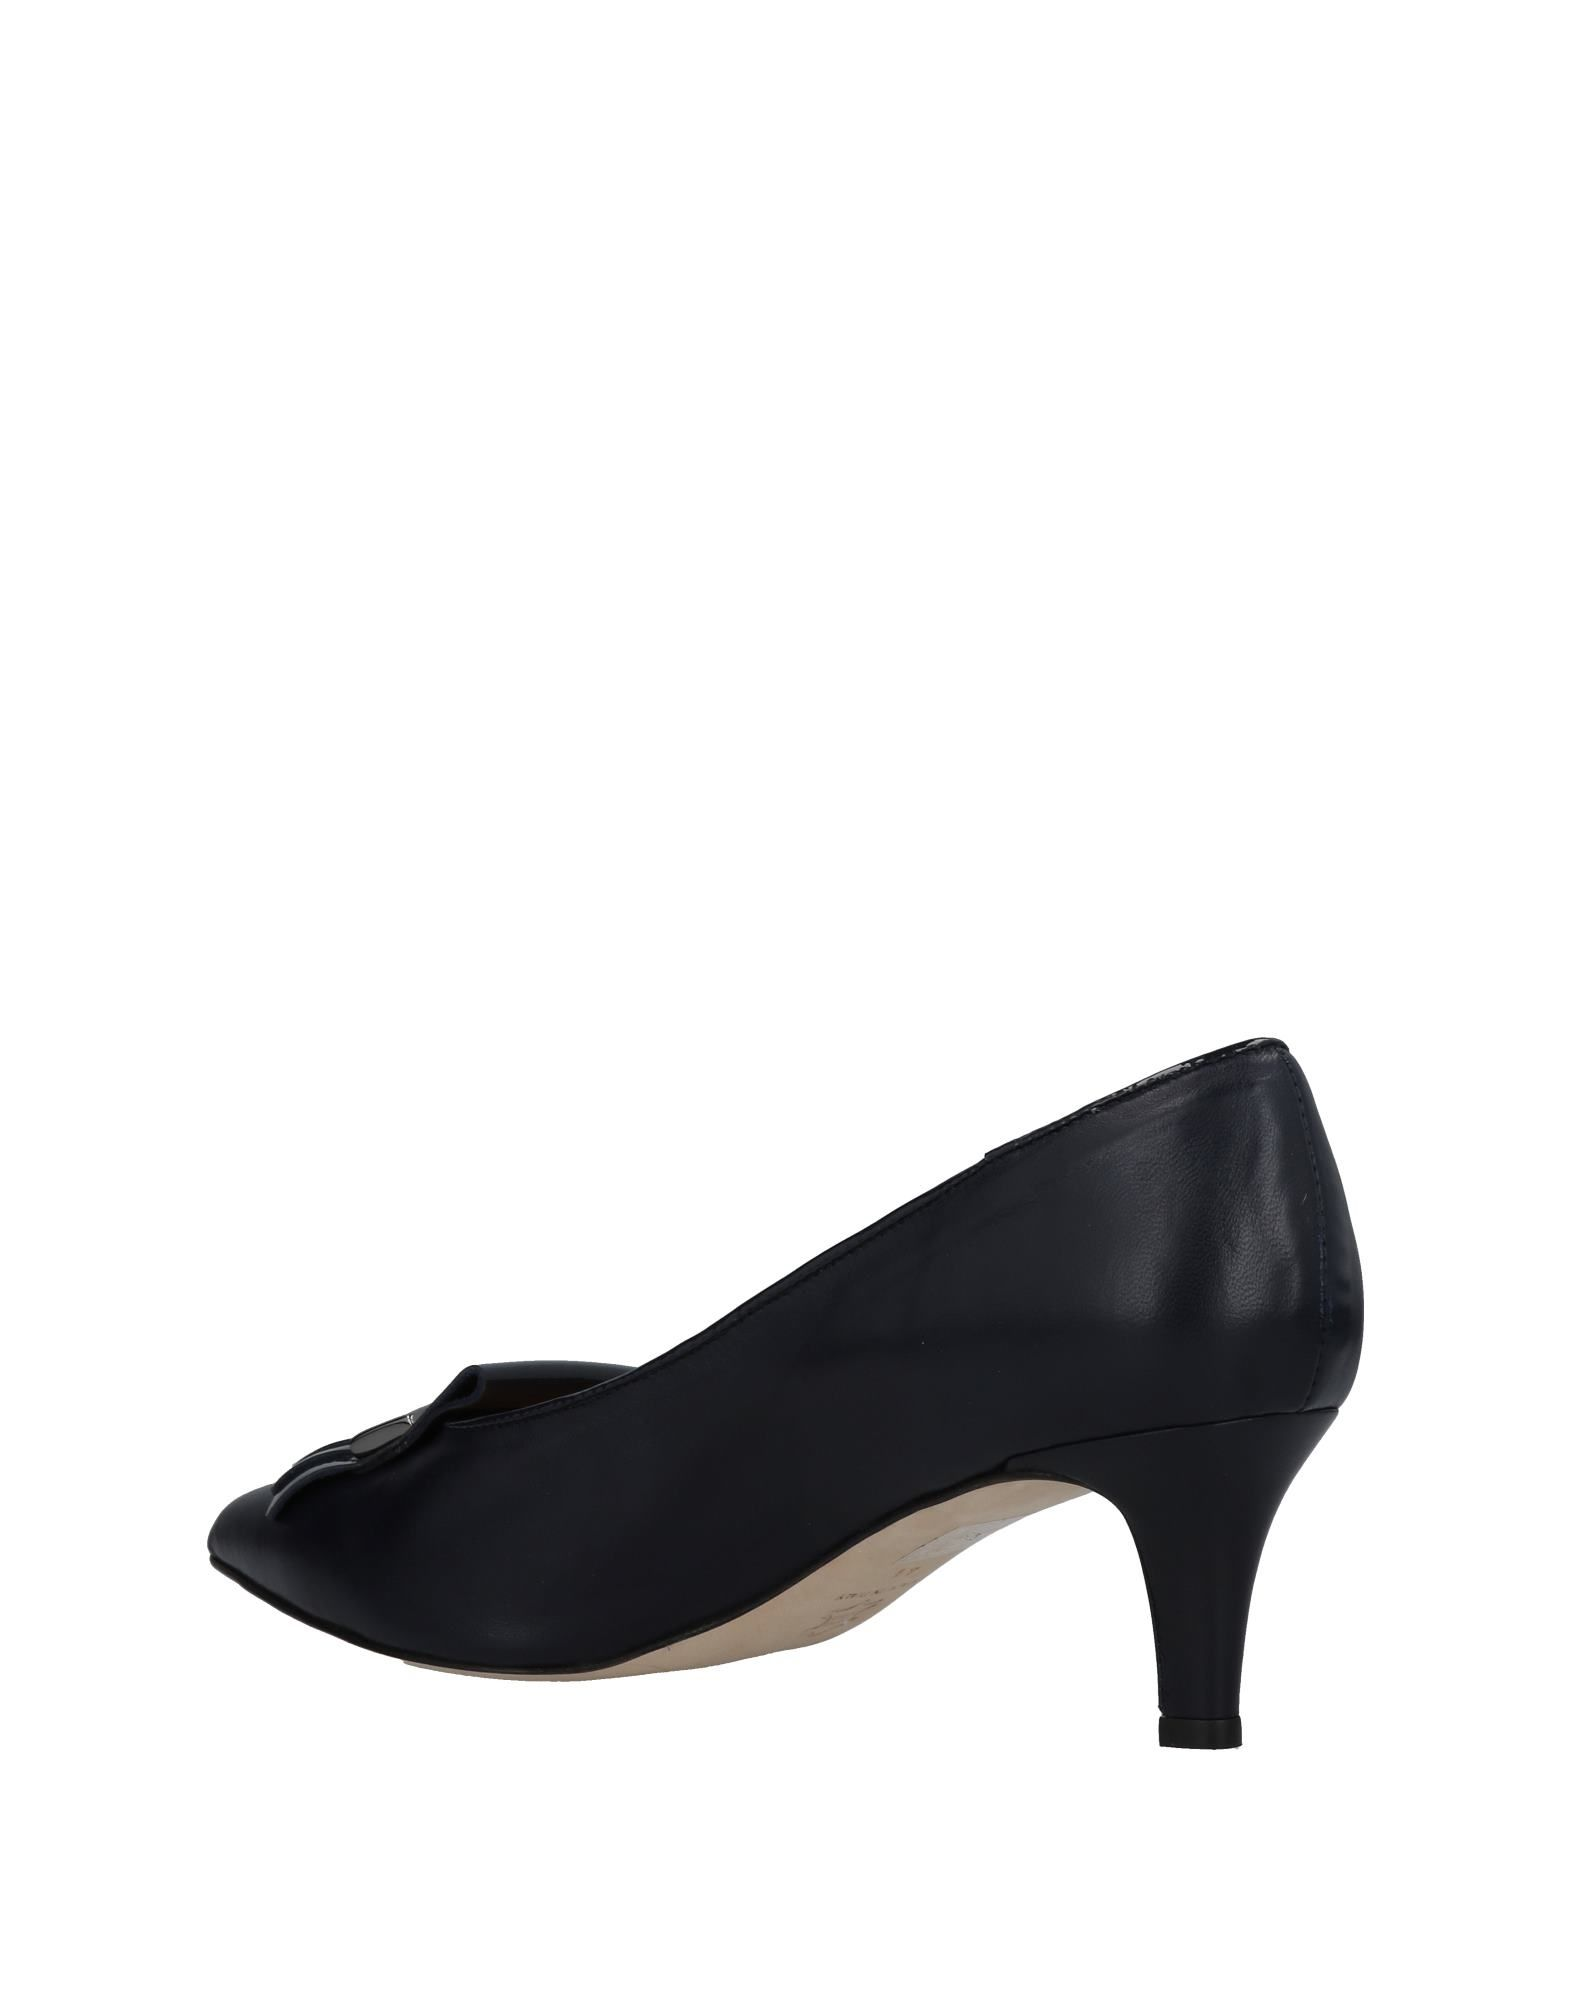 Cristina Millotti Mokassins Damen  Schuhe 11458002MO Gute Qualität beliebte Schuhe  317fba